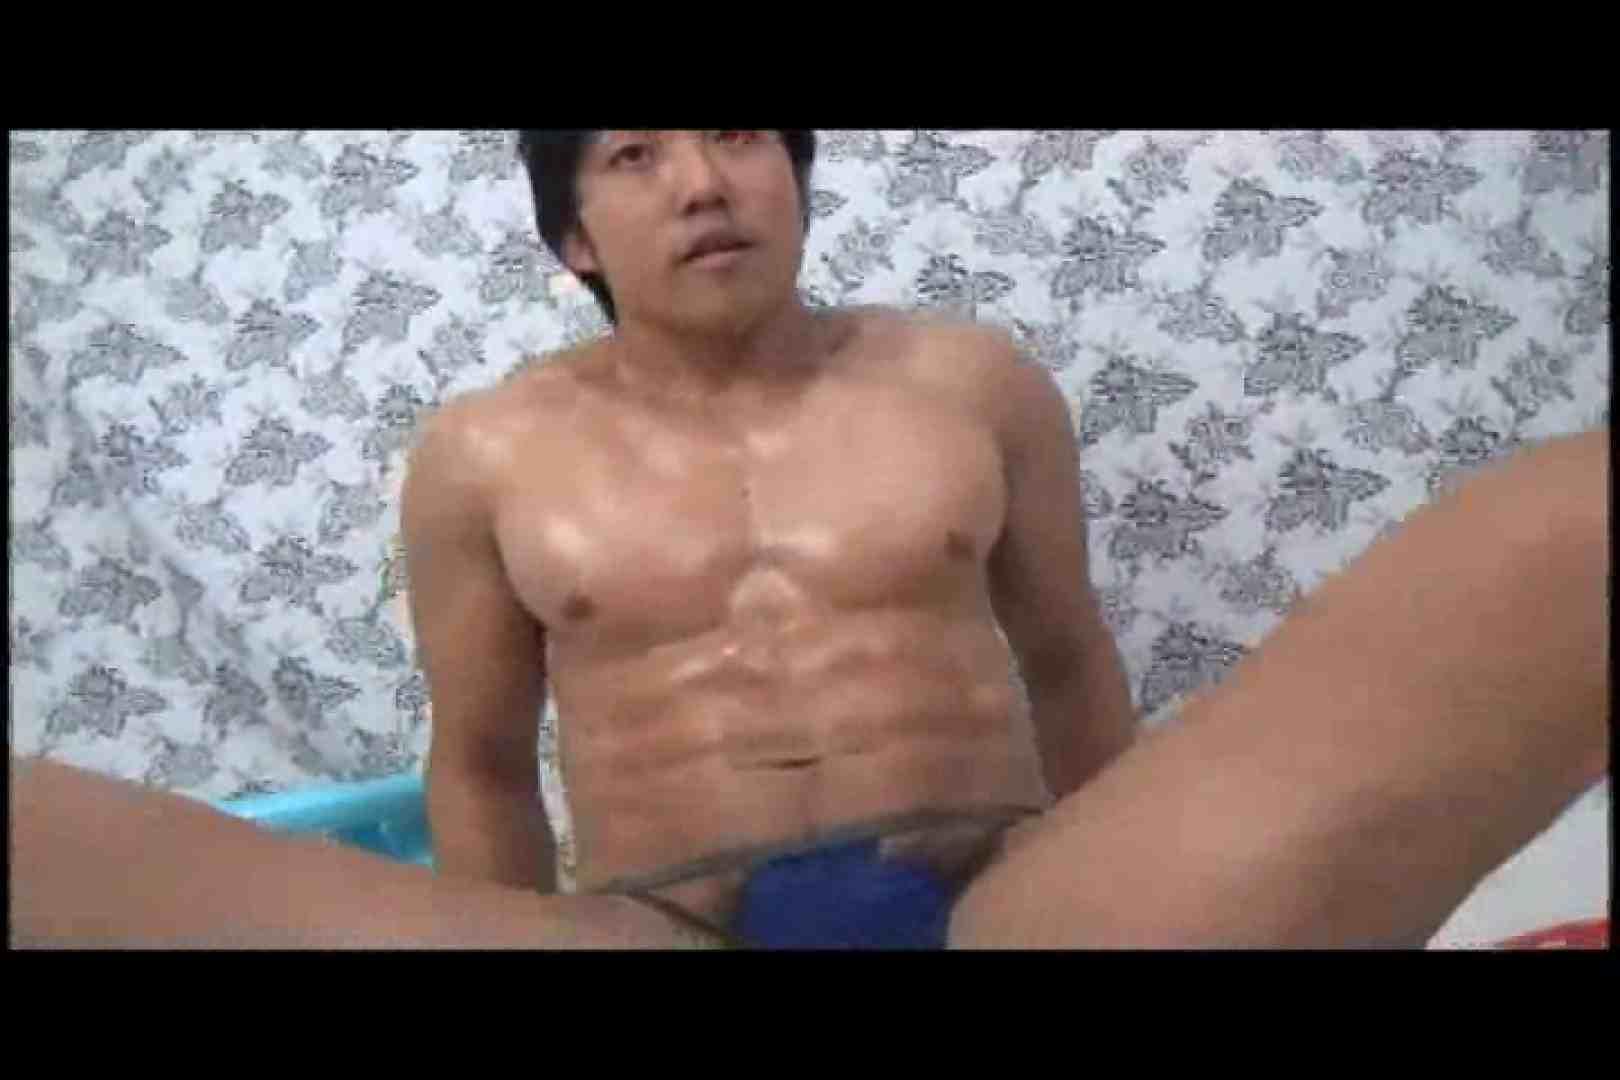 エロガチムチ兄さんのセクシームービー後編 エロ   ガチムチマッチョ系  62pic 60